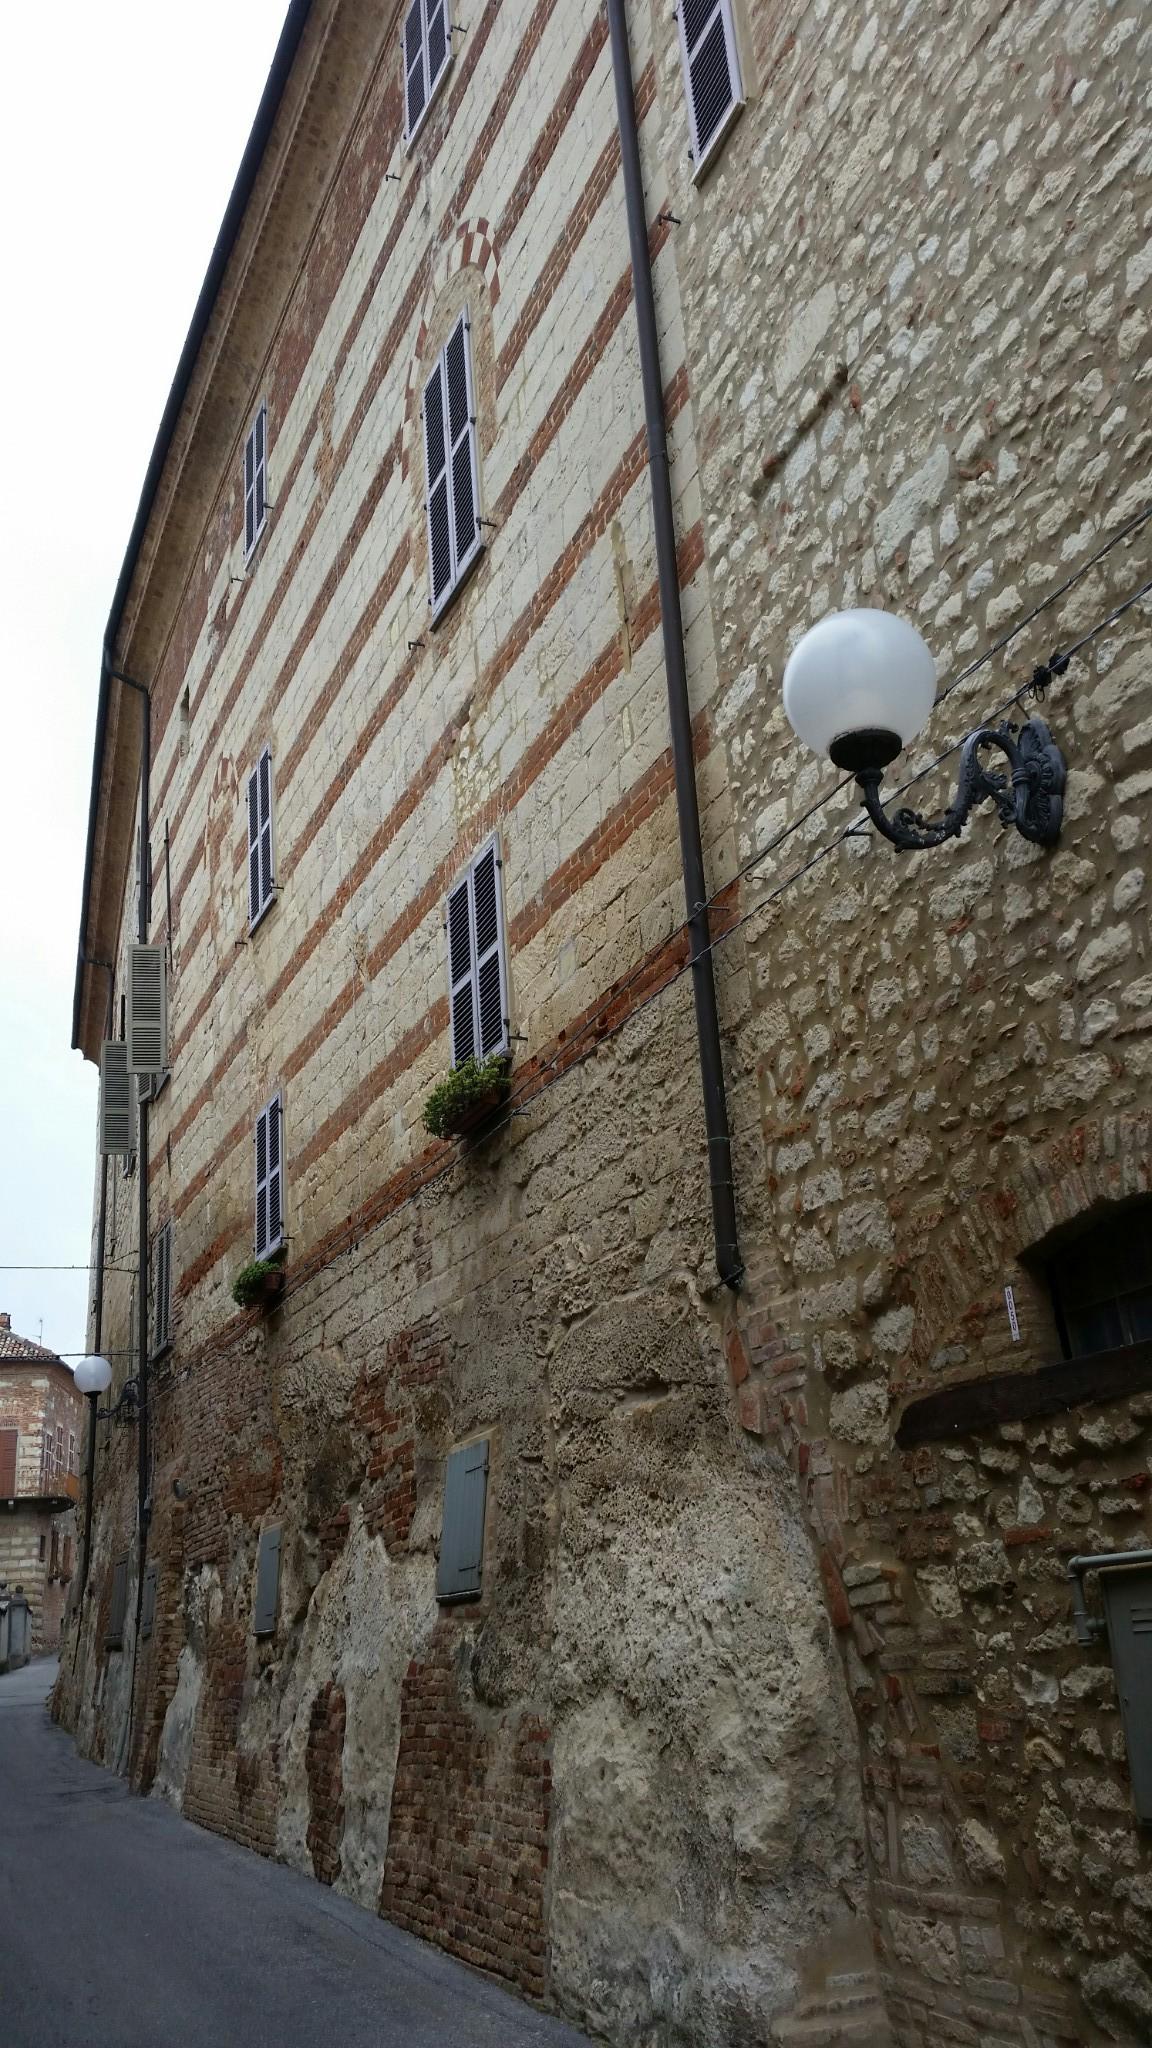 Edificio di Cella Monte con la tessitura muraria composta da alternanza di Pietra da Cantoni e laterizio